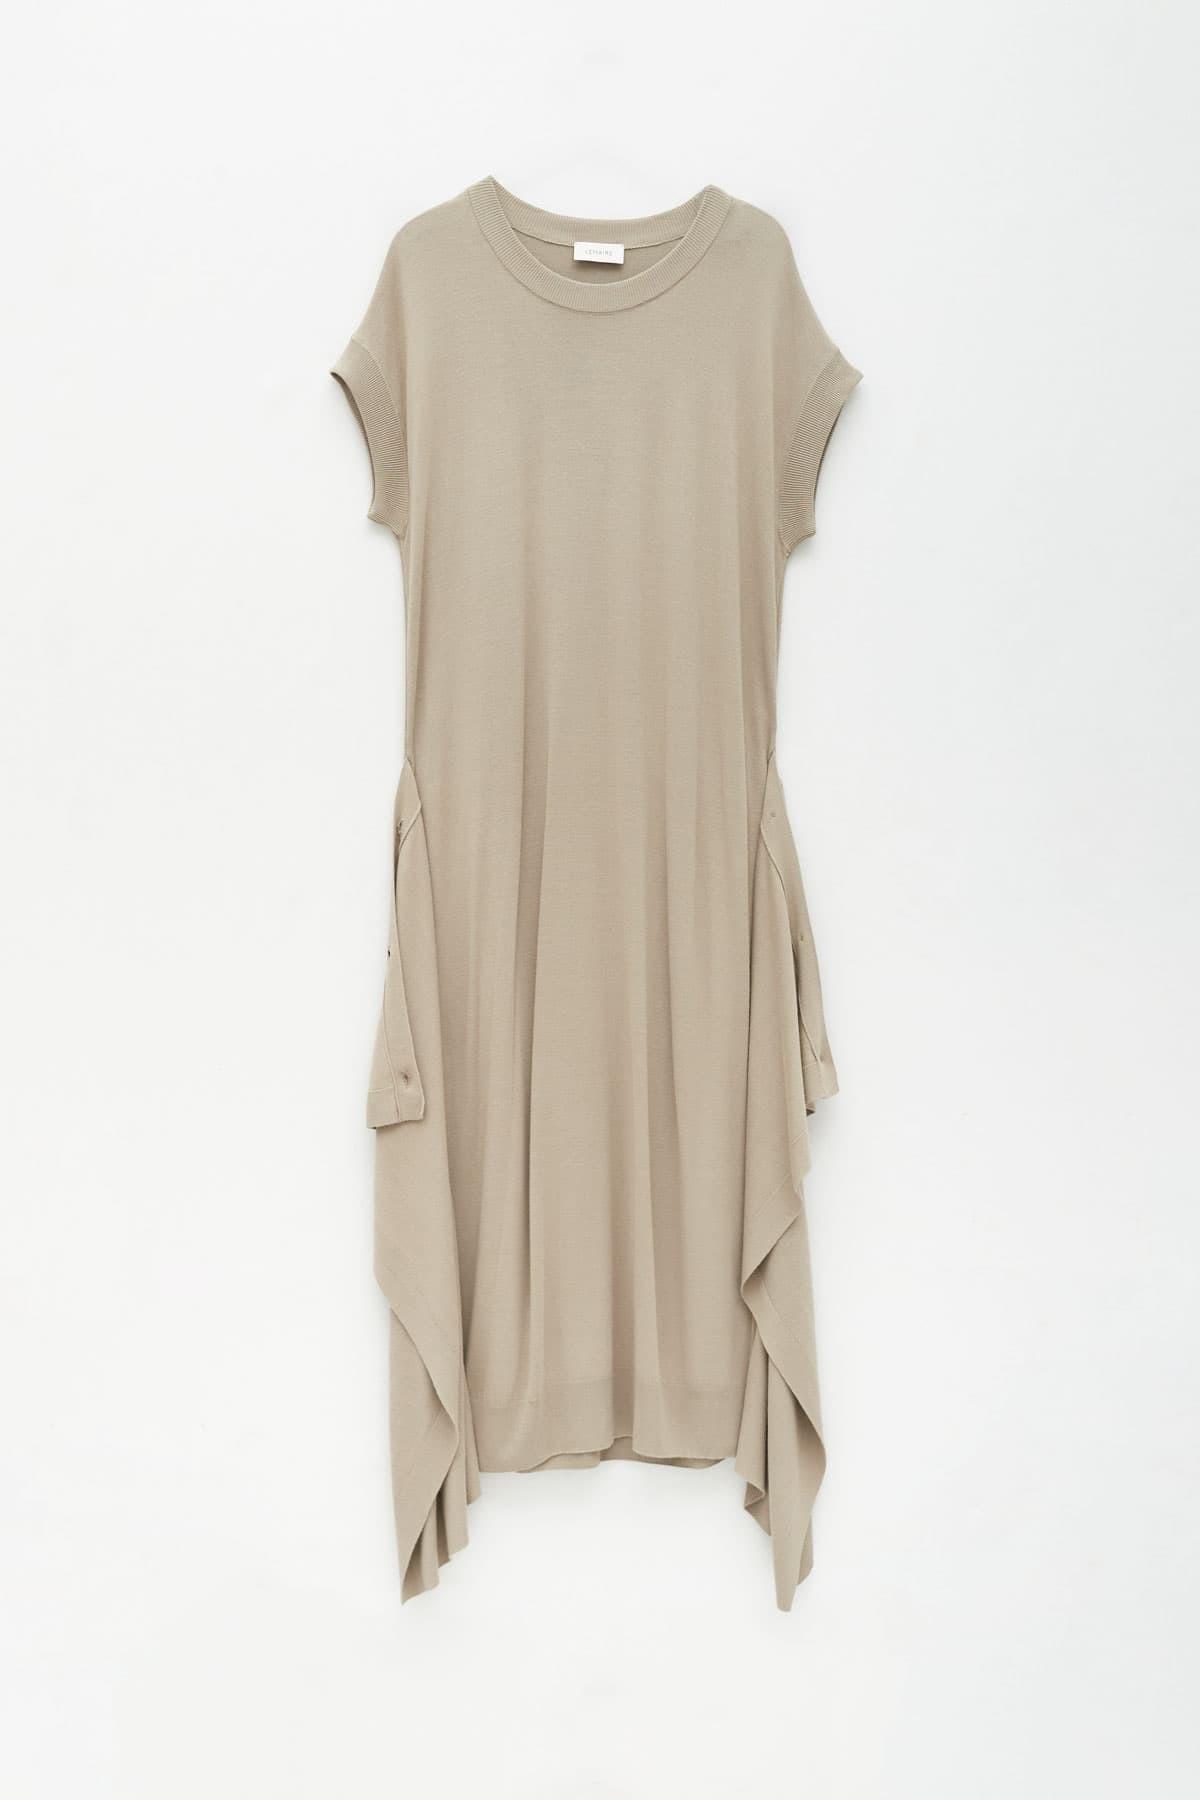 Shop Comme Des Garcons Black Knitwear W27506